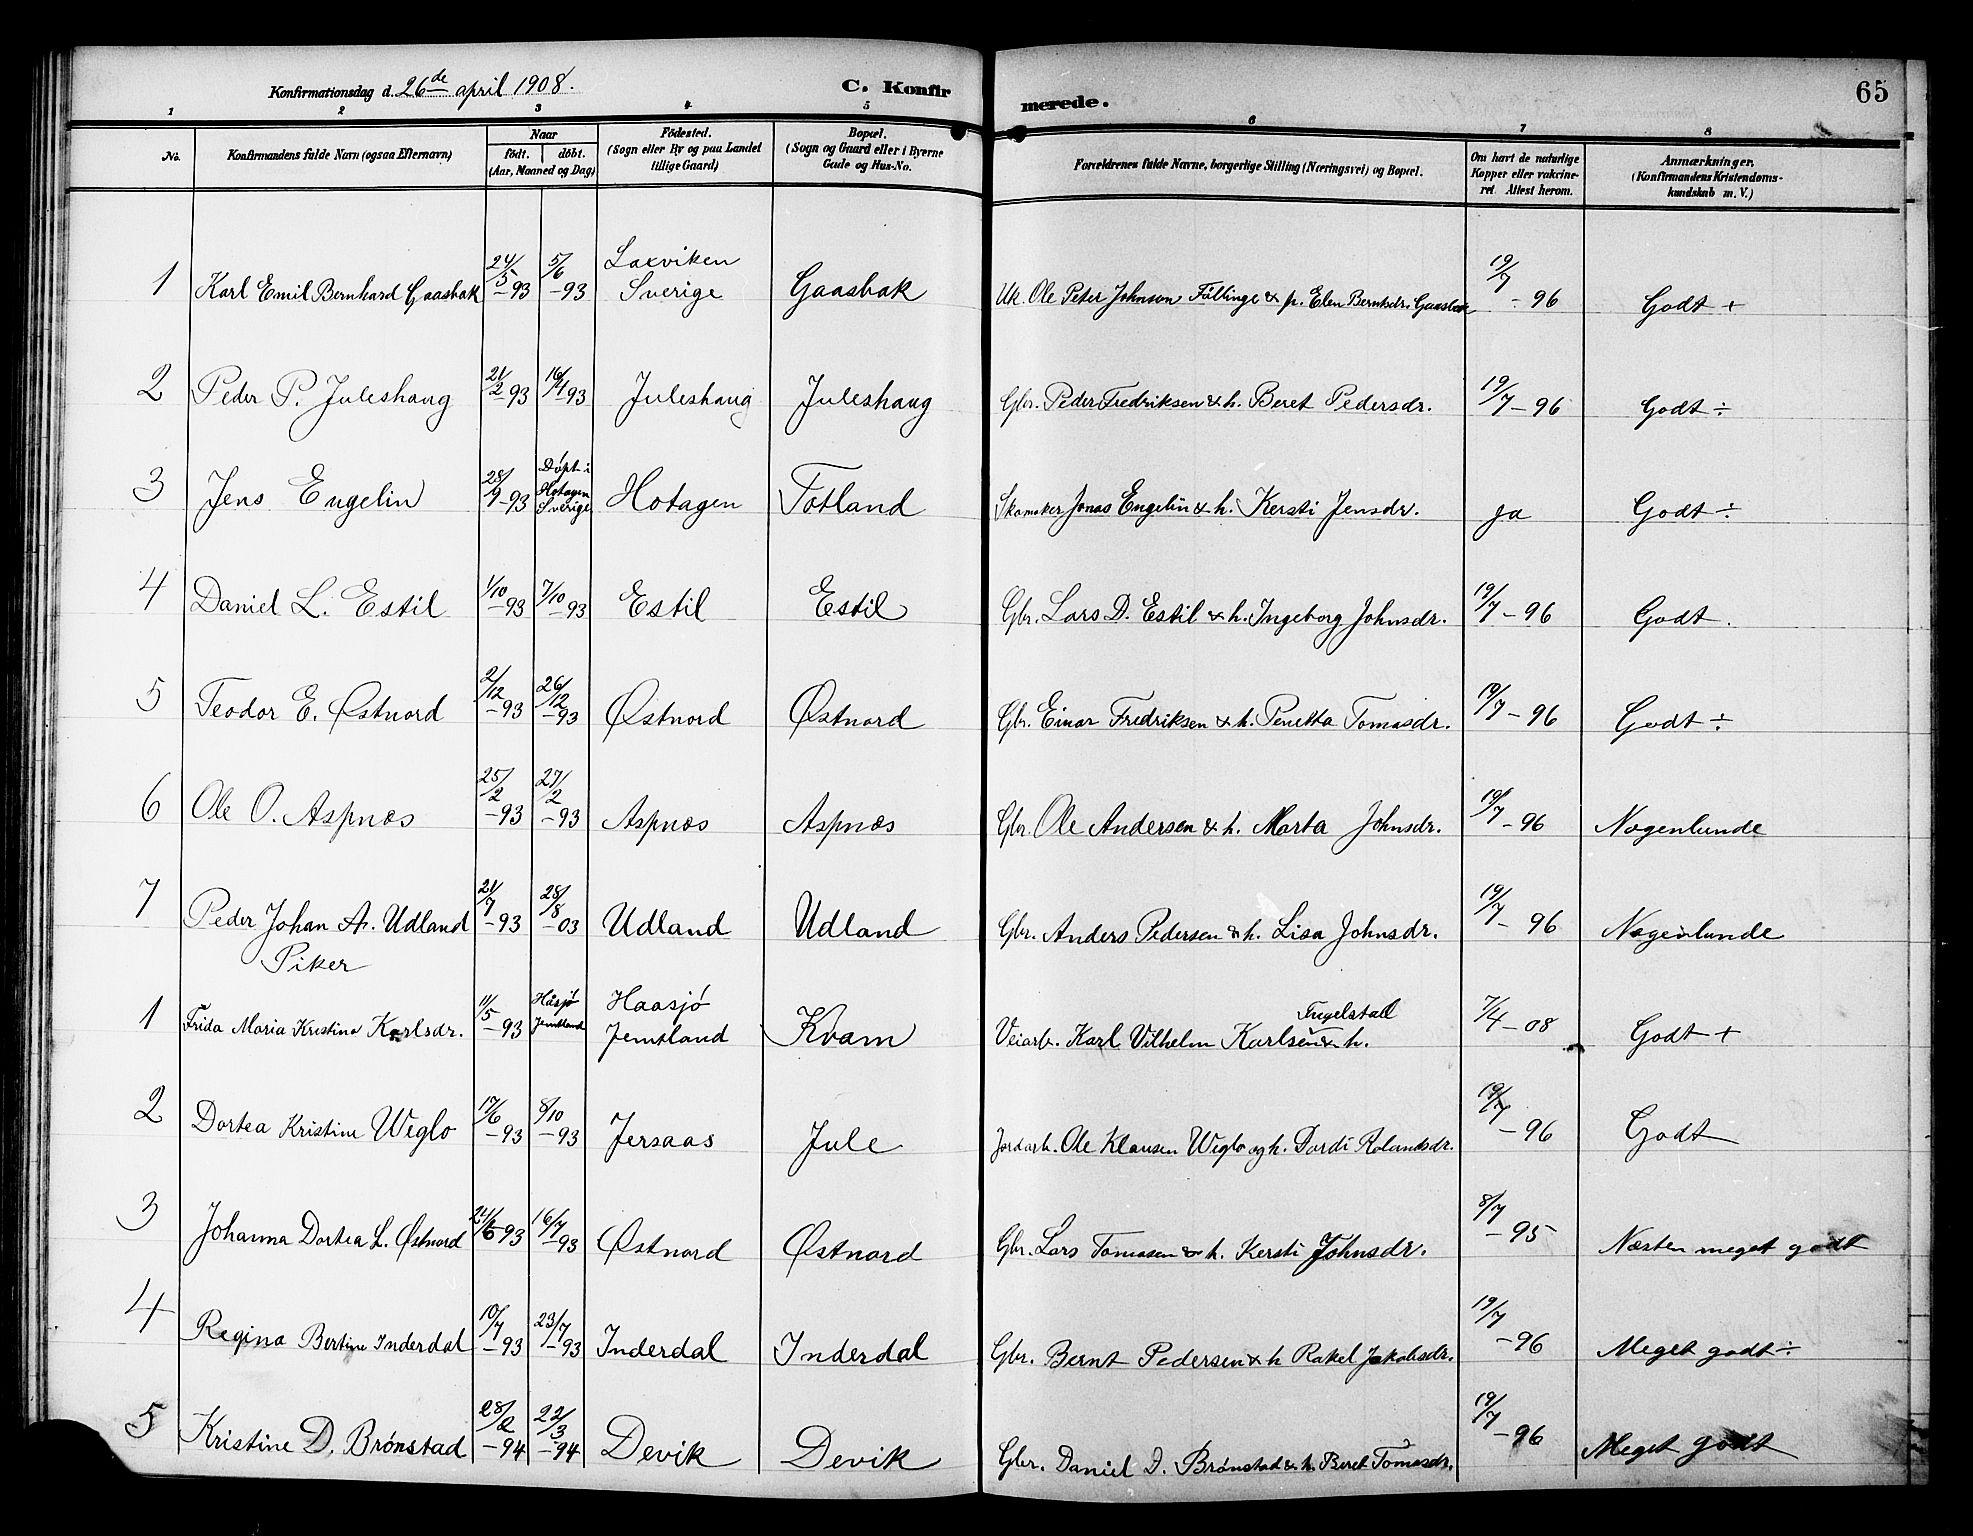 SAT, Ministerialprotokoller, klokkerbøker og fødselsregistre - Nord-Trøndelag, 757/L0506: Klokkerbok nr. 757C01, 1904-1922, s. 65